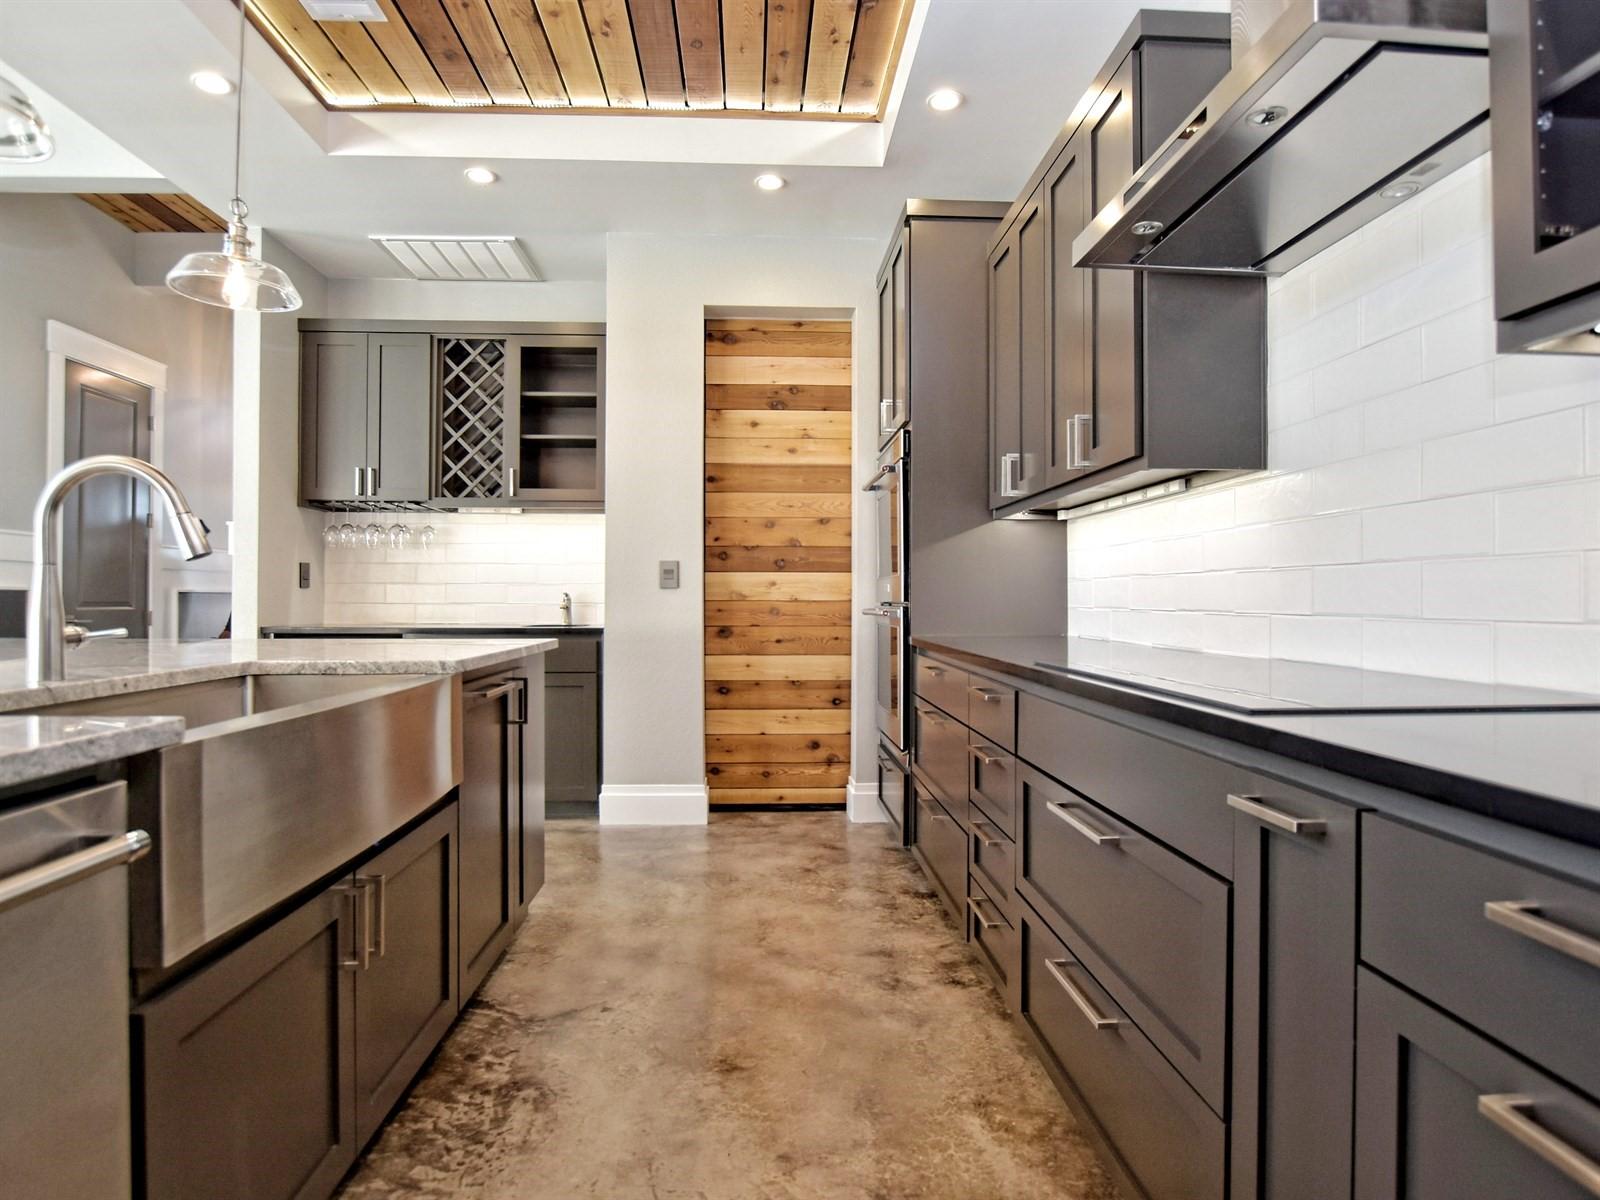 013_Kitchen 2.jpg